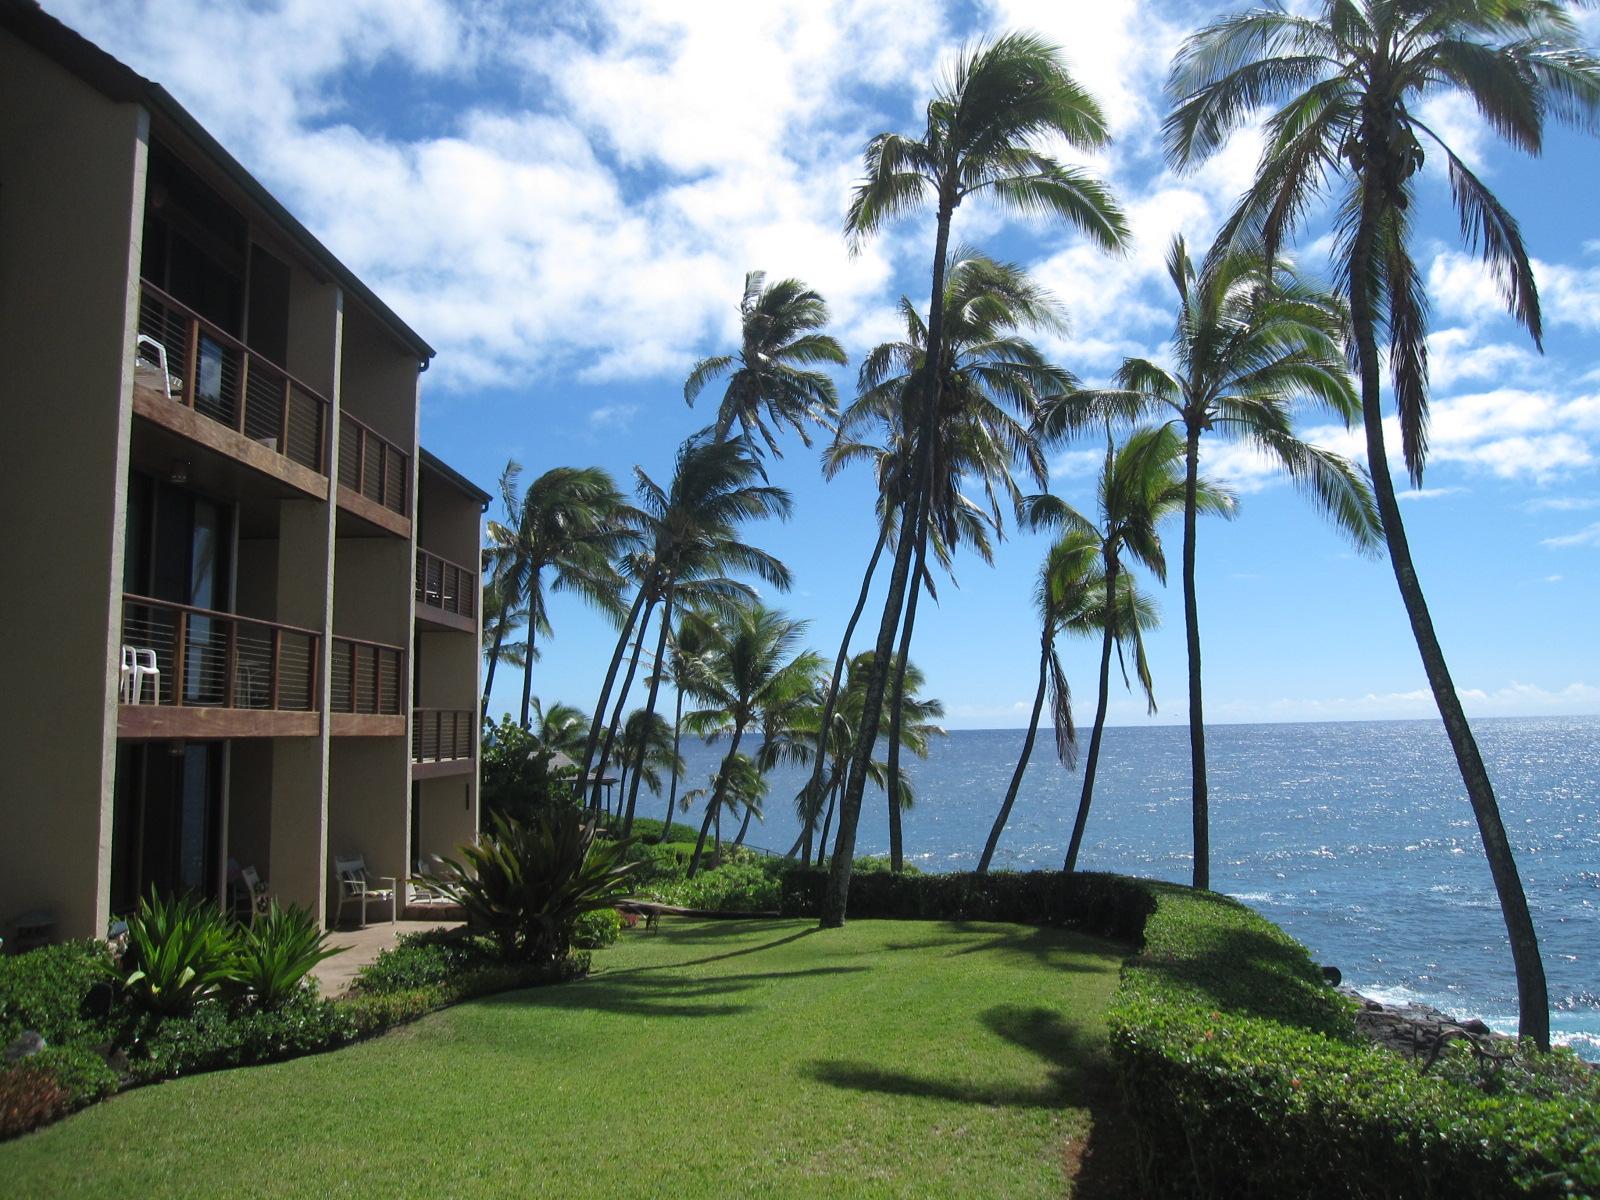 kauai real estate for sale poipu koloa kauai condos for